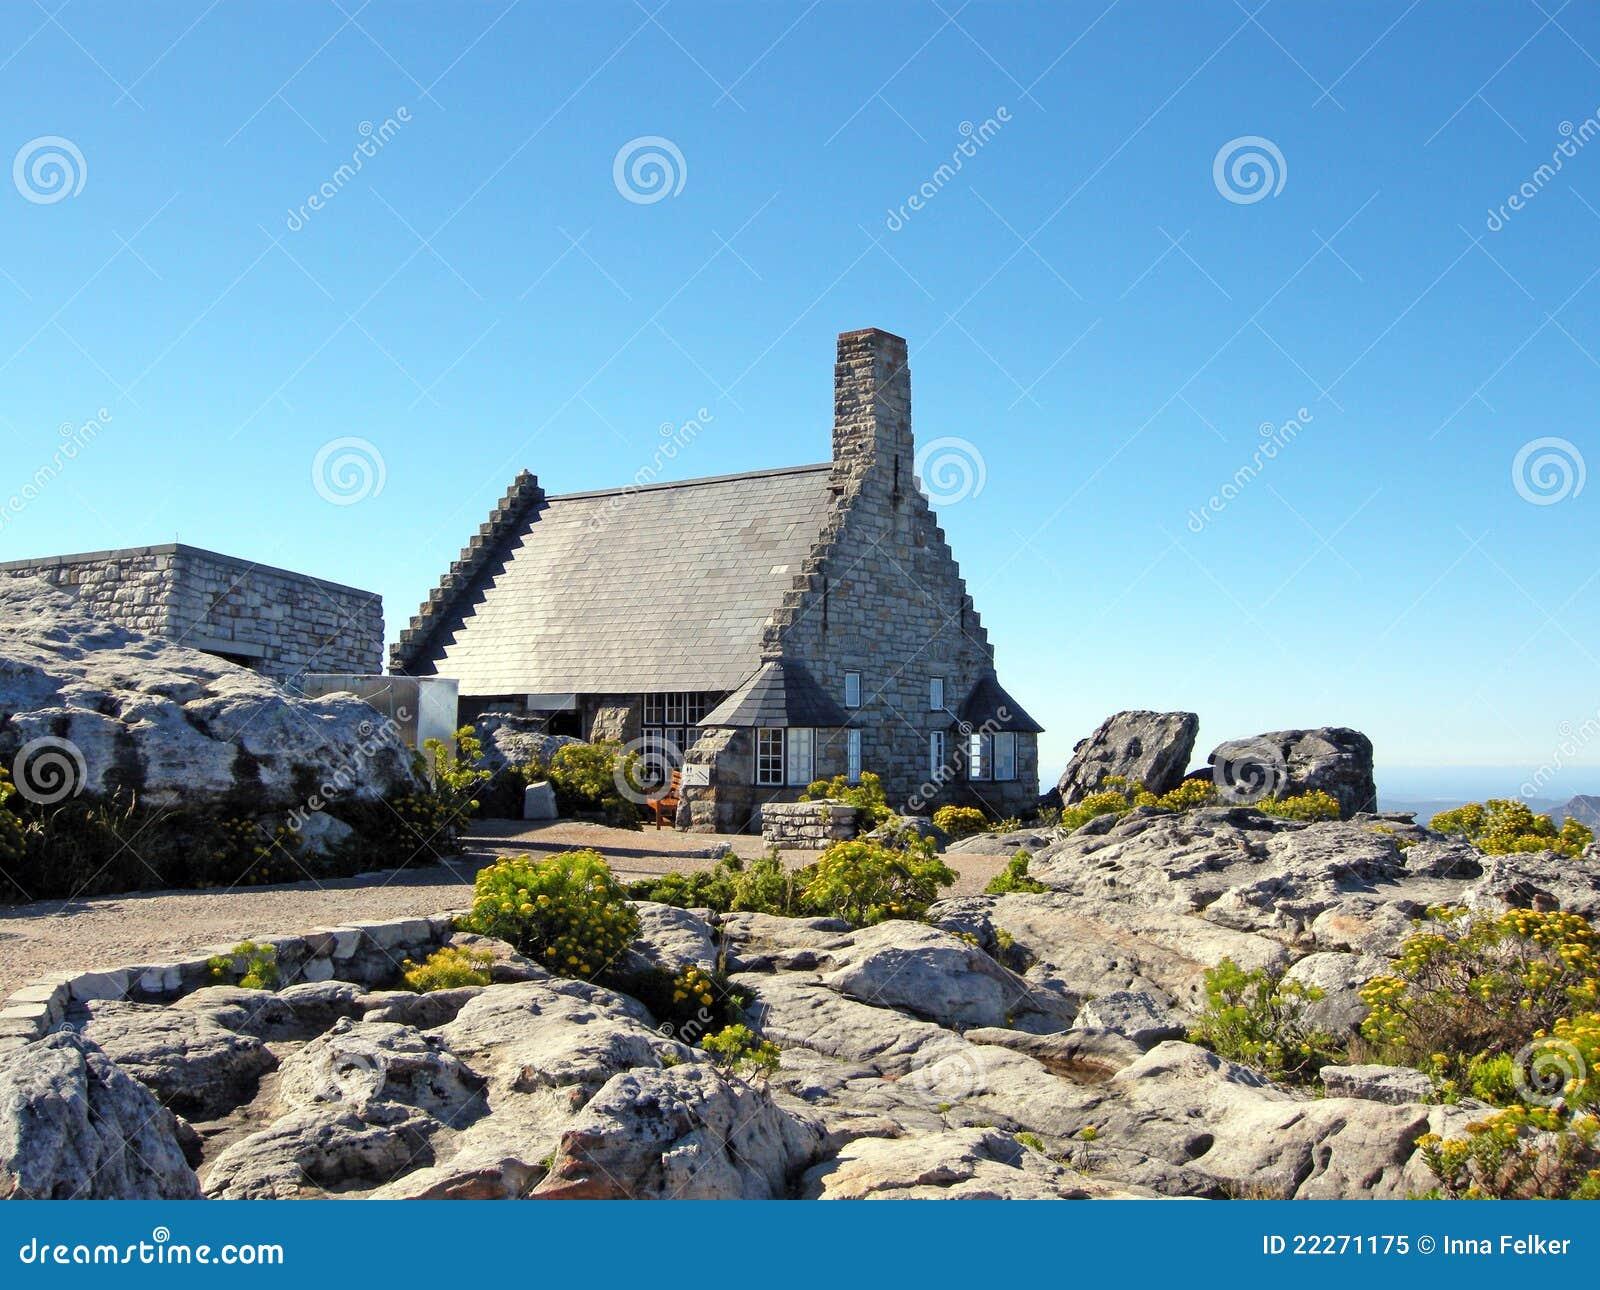 maison en pierre sur la montagne de tableau afrique du sud image stock image du capetown. Black Bedroom Furniture Sets. Home Design Ideas